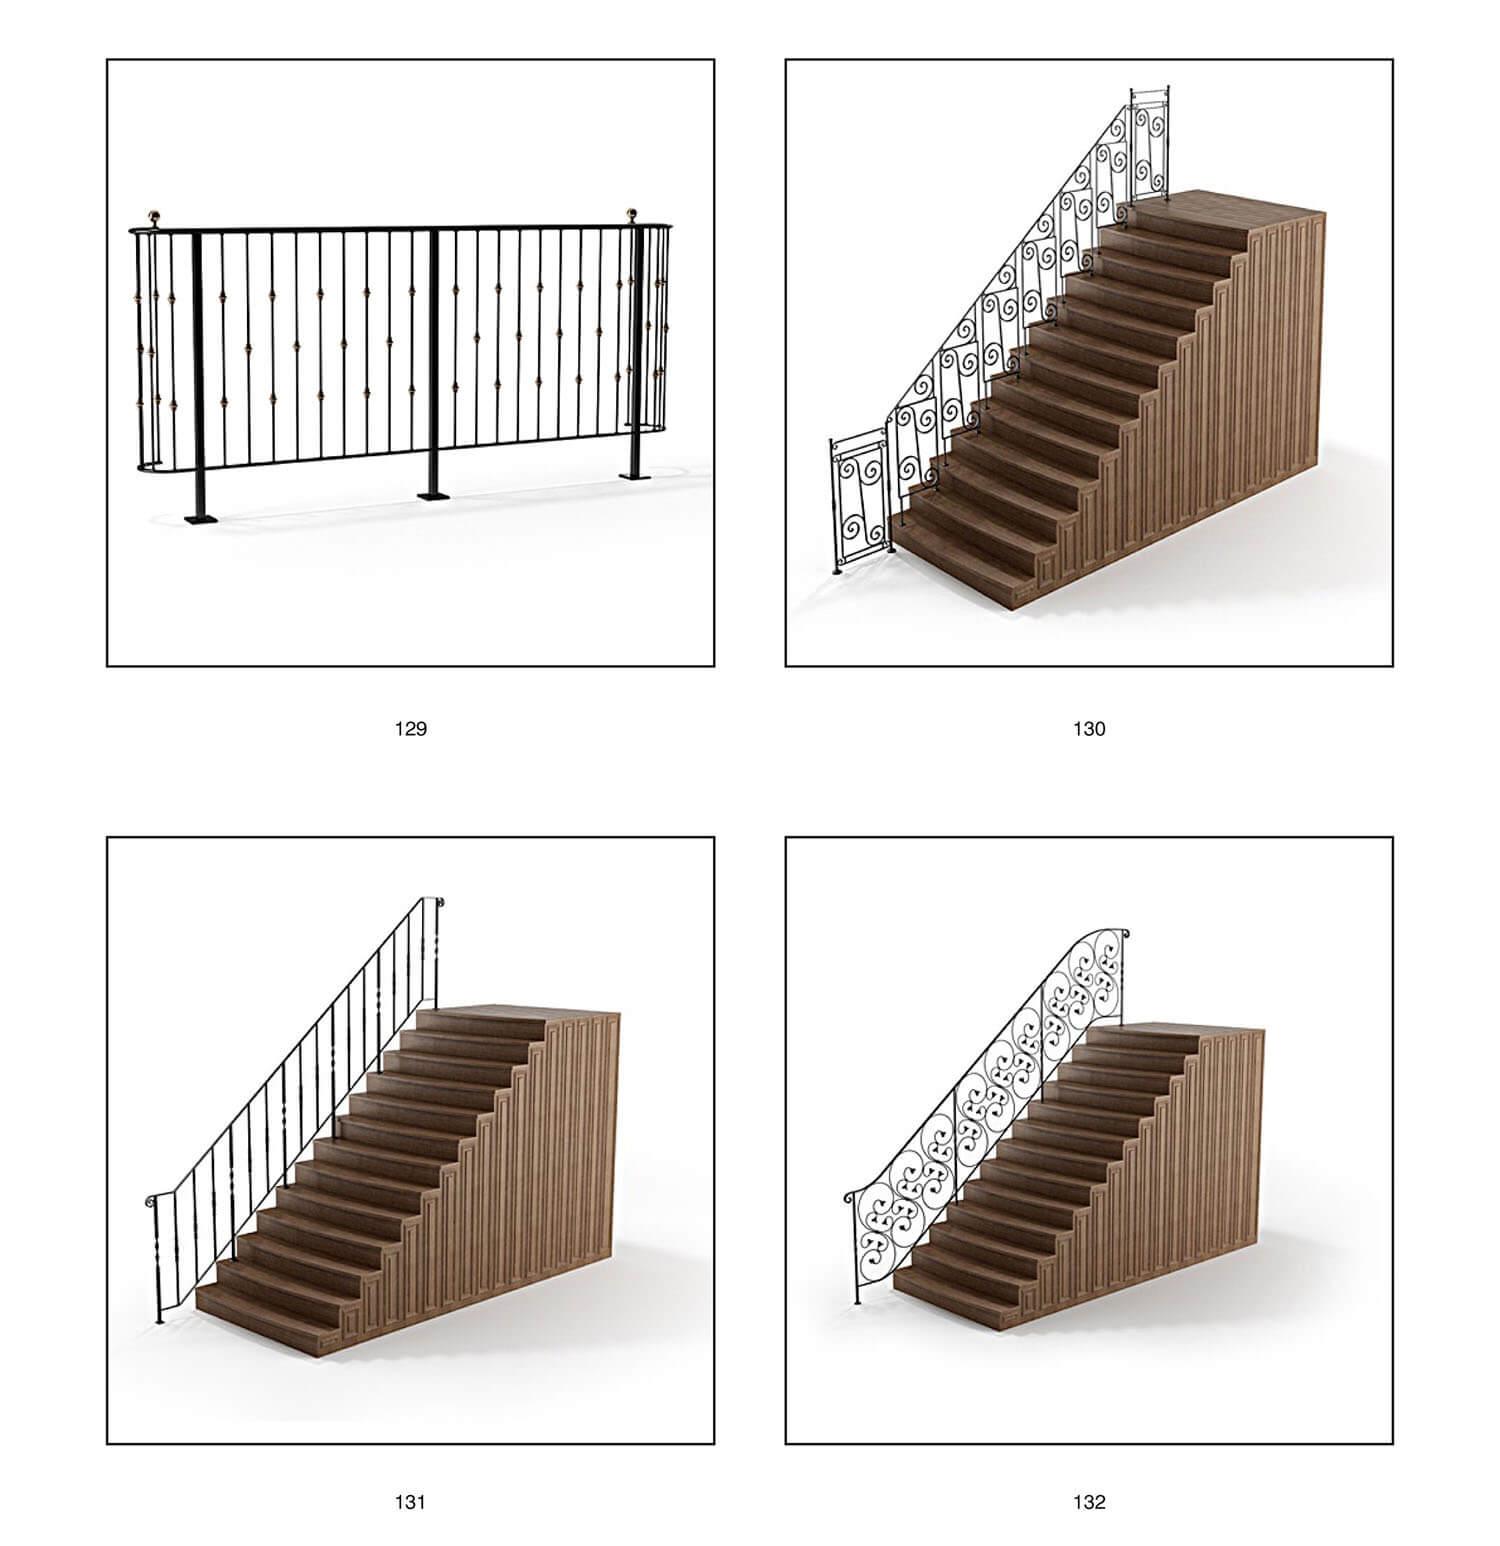 Và khi lan can sắt nghệ thuật được áp dụng lên cầu thang